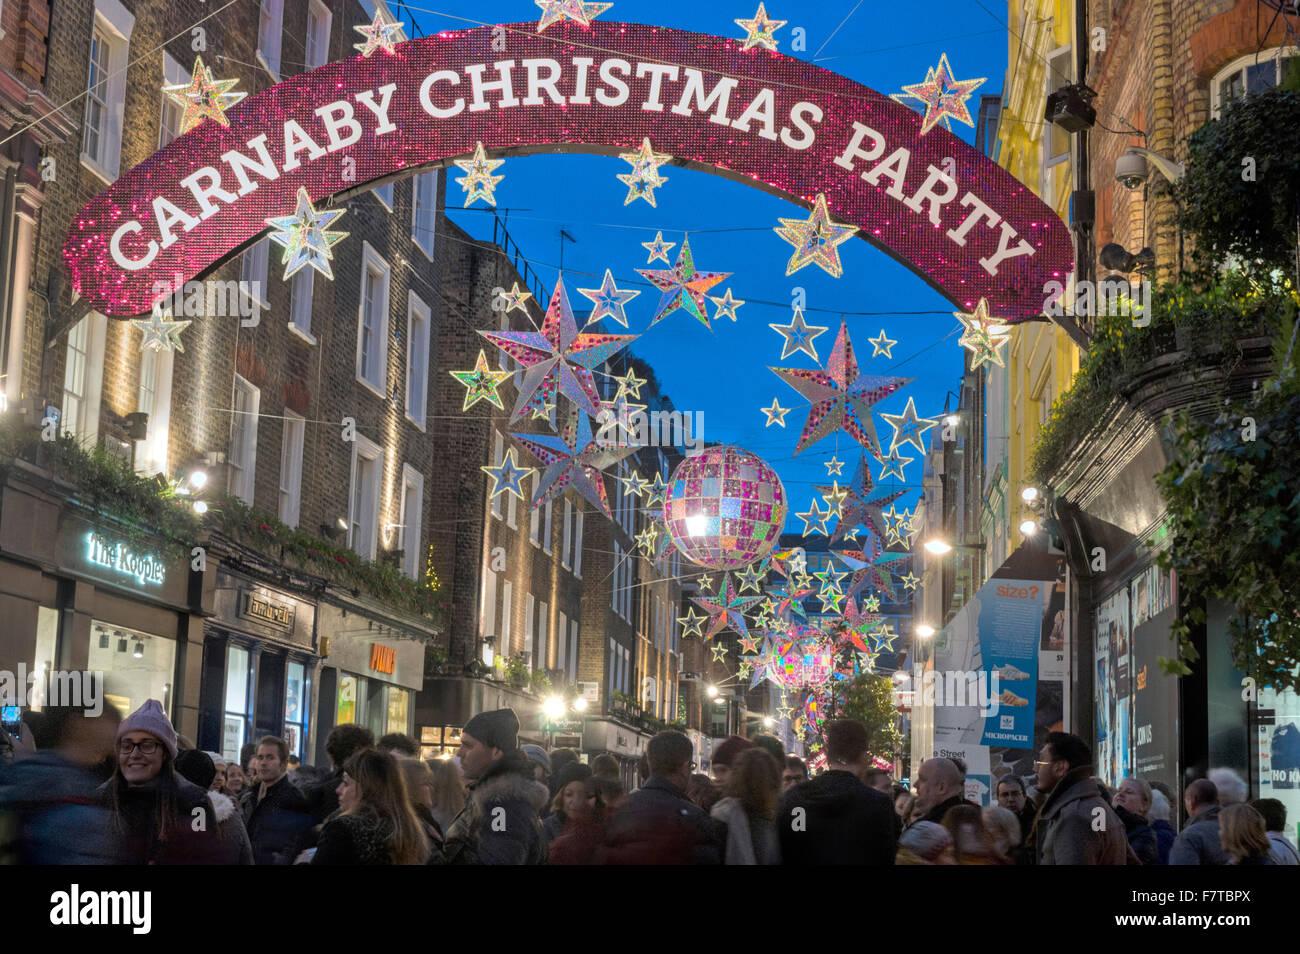 Decoraciones de Navidad Navidad Carnaby Street de Londres Londres 2016 Imagen De Stock